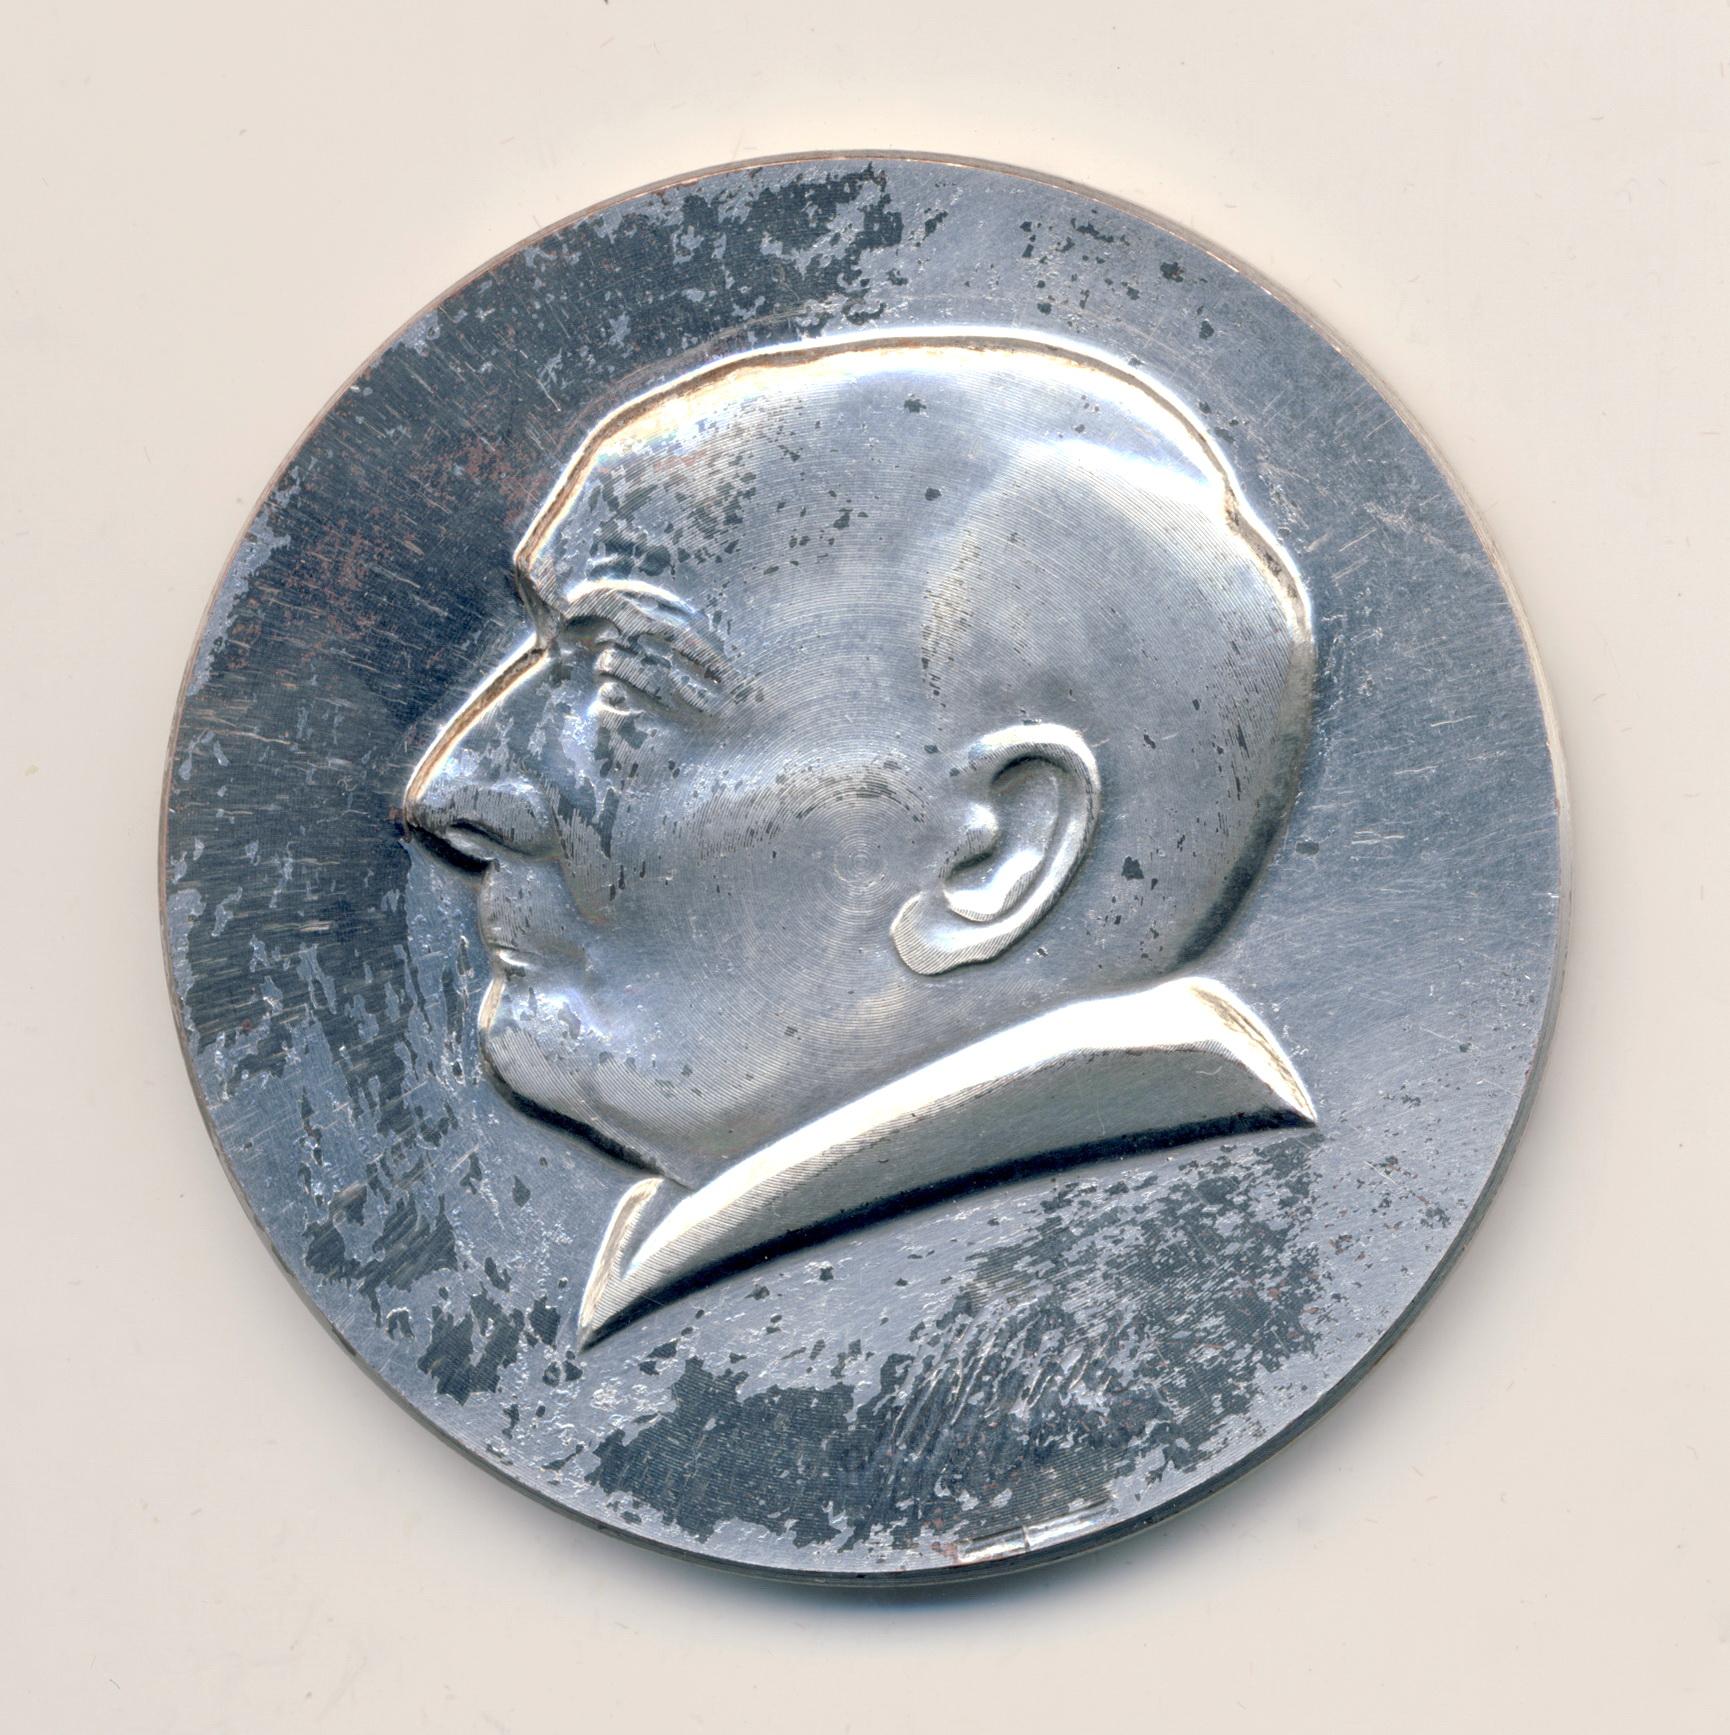 АМ1 1995 50 лет ВНИИНМ 61 серебрение-Илькаев - копия